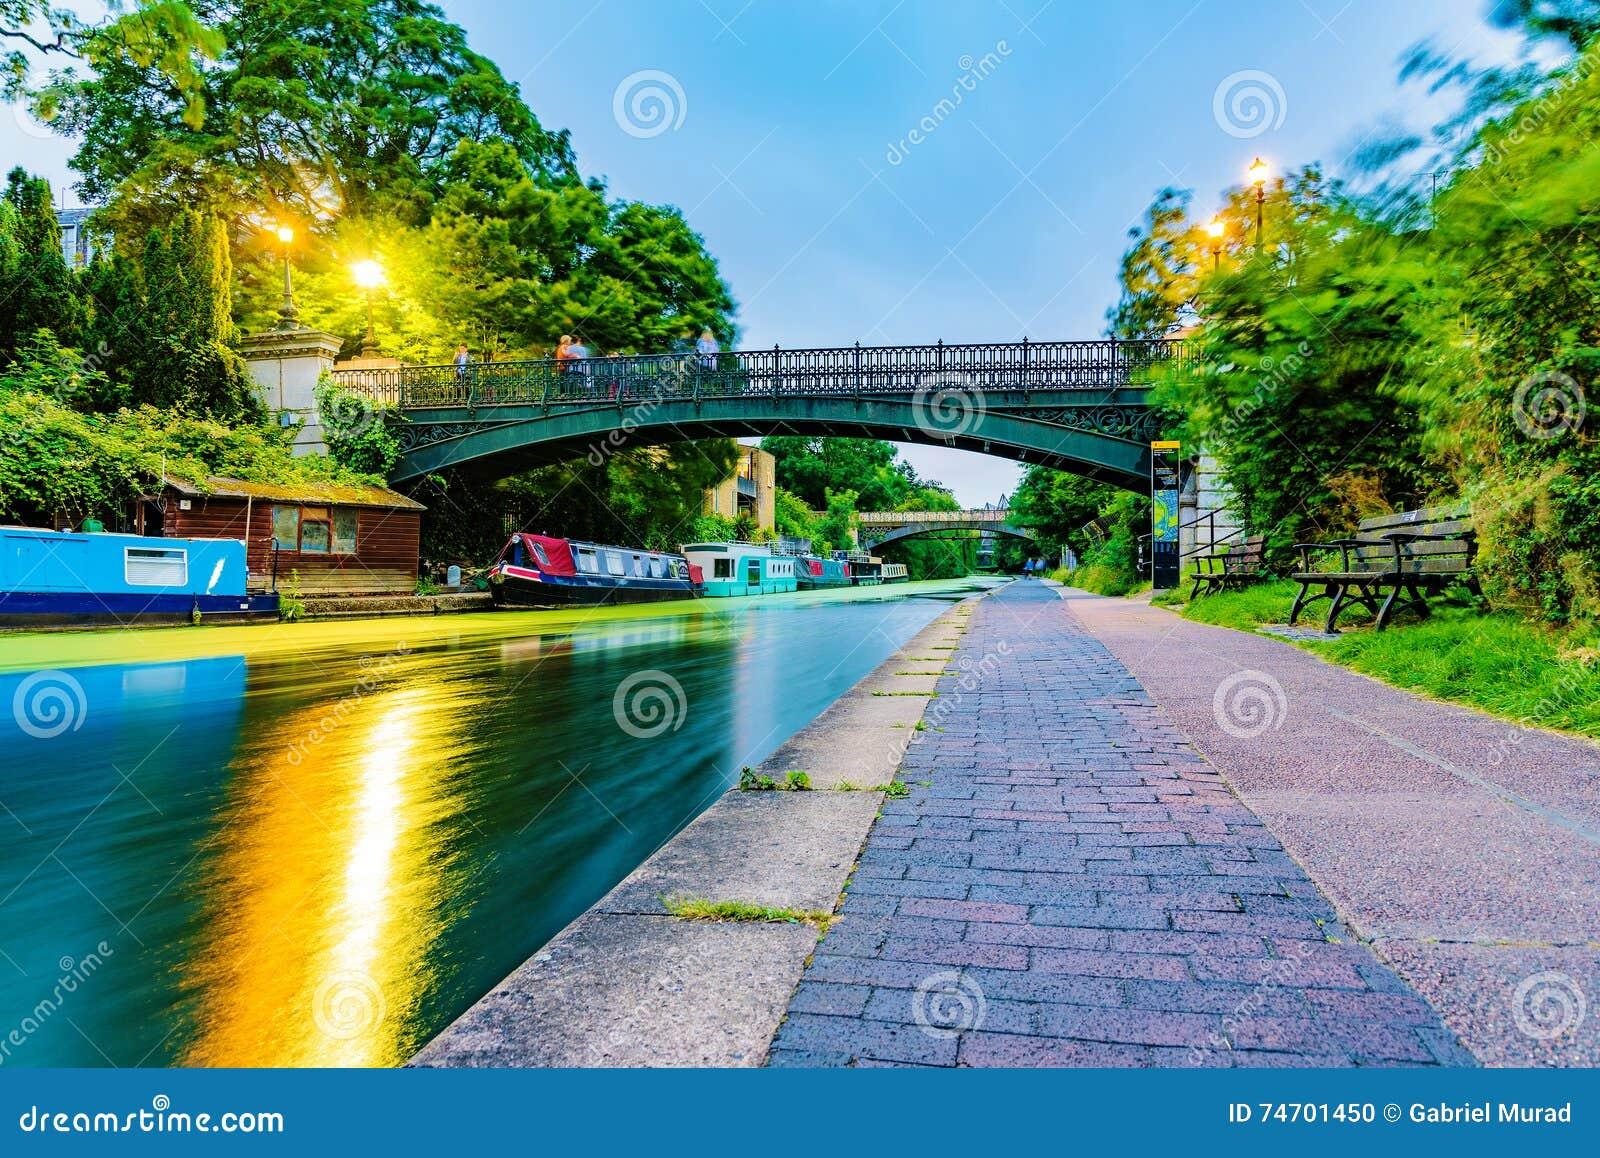 Regents park canal